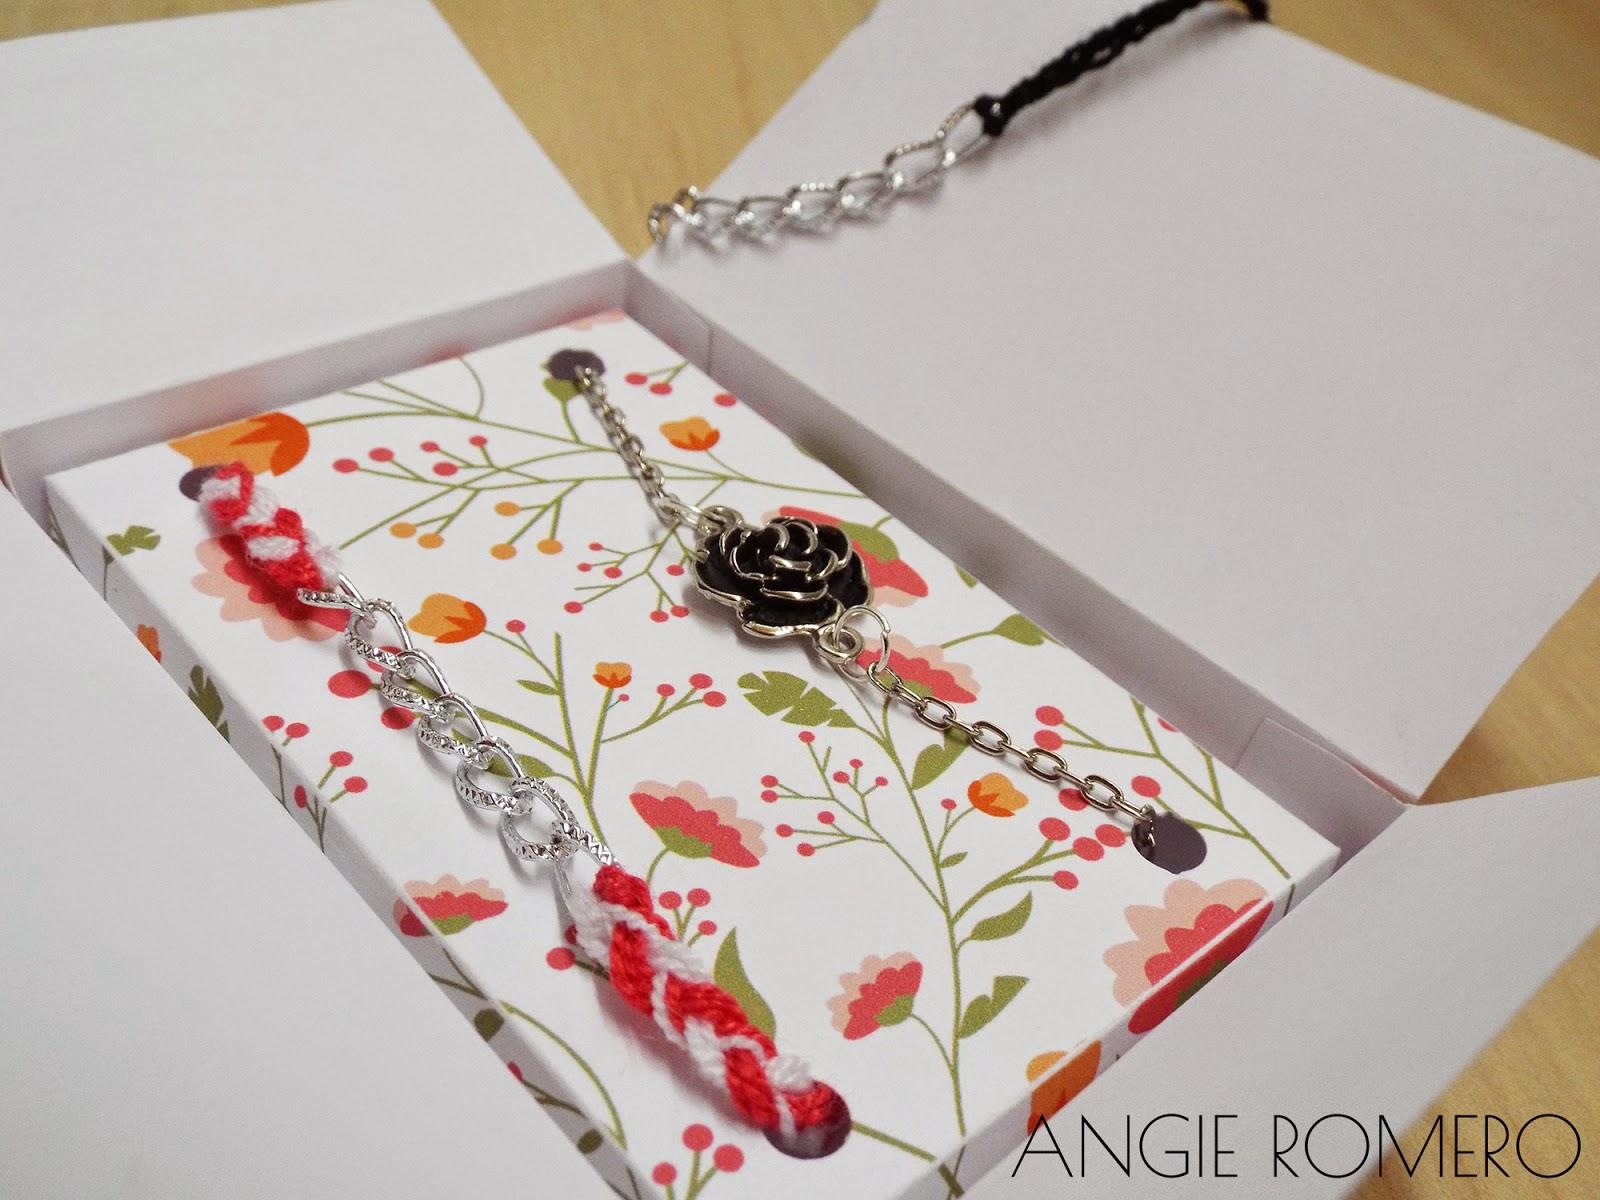 DIY cajas decoradas para accesorios joyería pulseras aretes collares